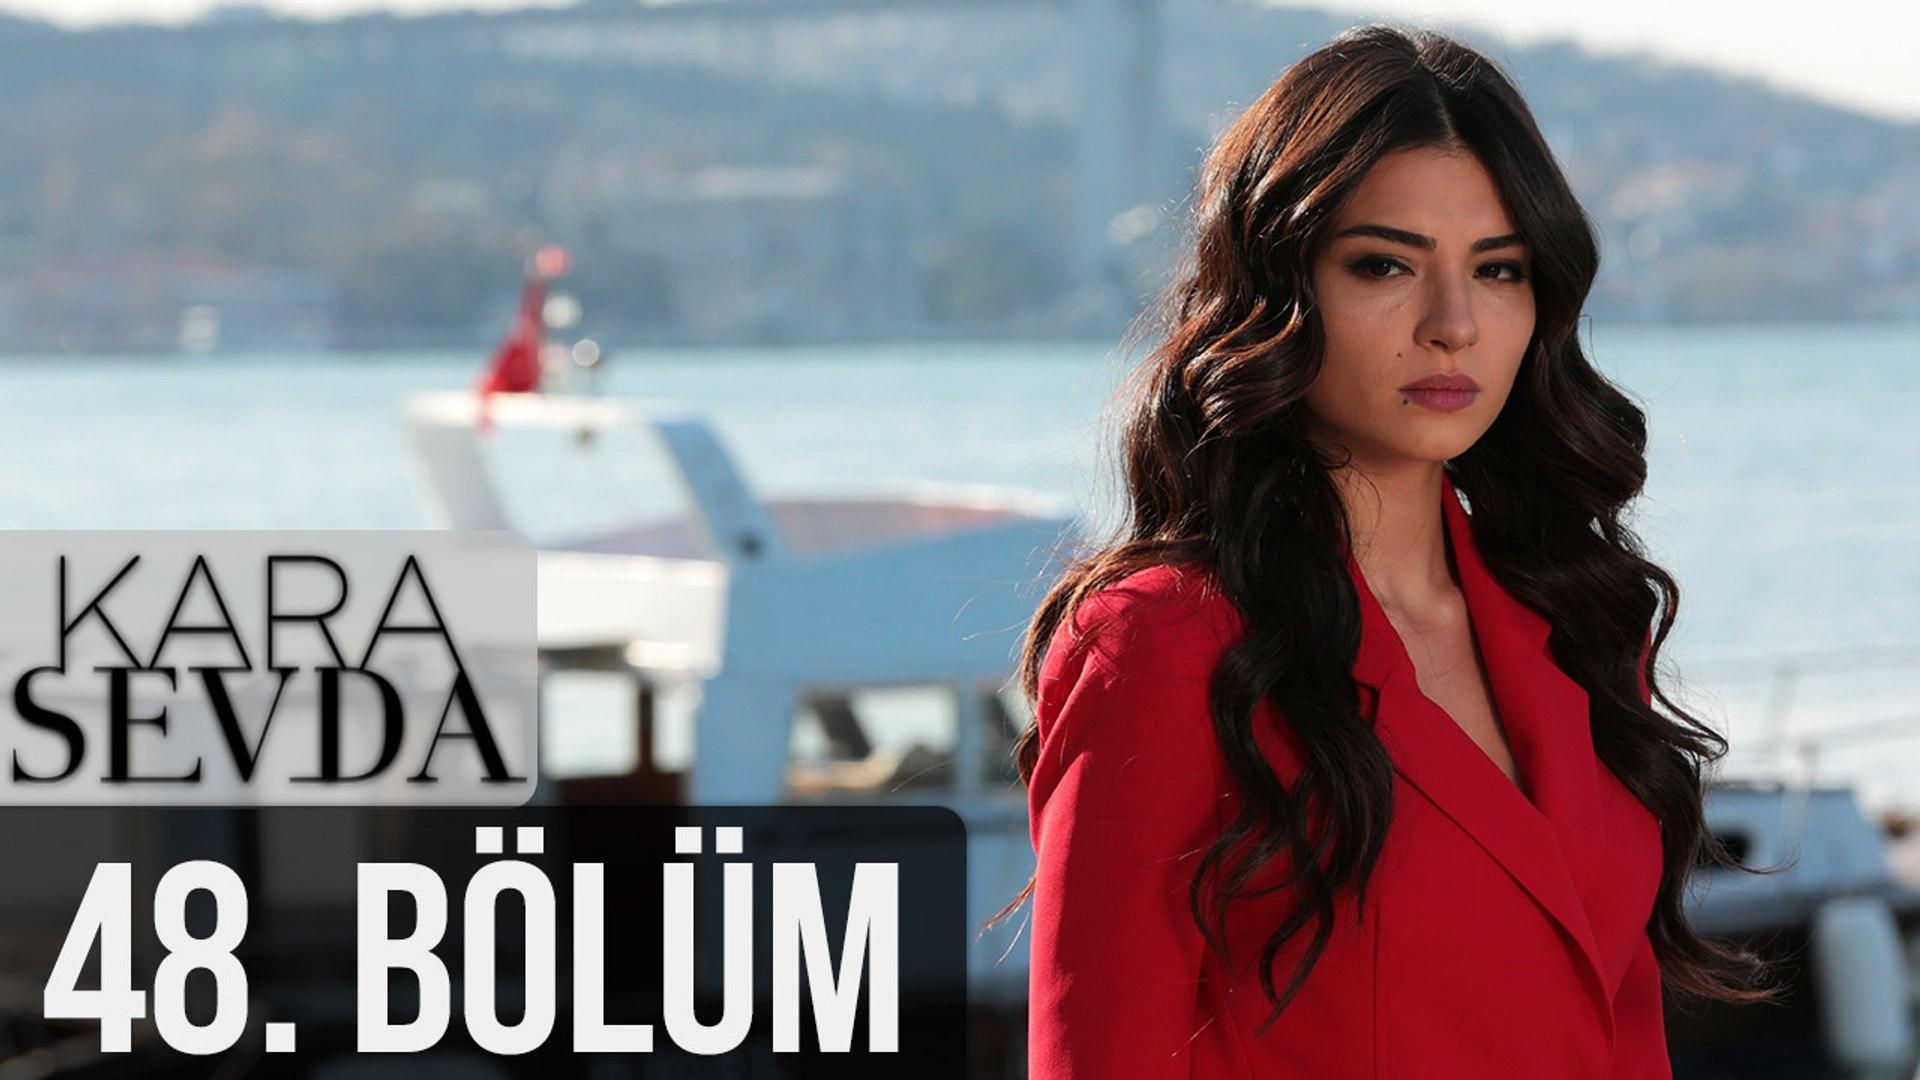 Kara Sevda 48 Bolum Dailymotion Video